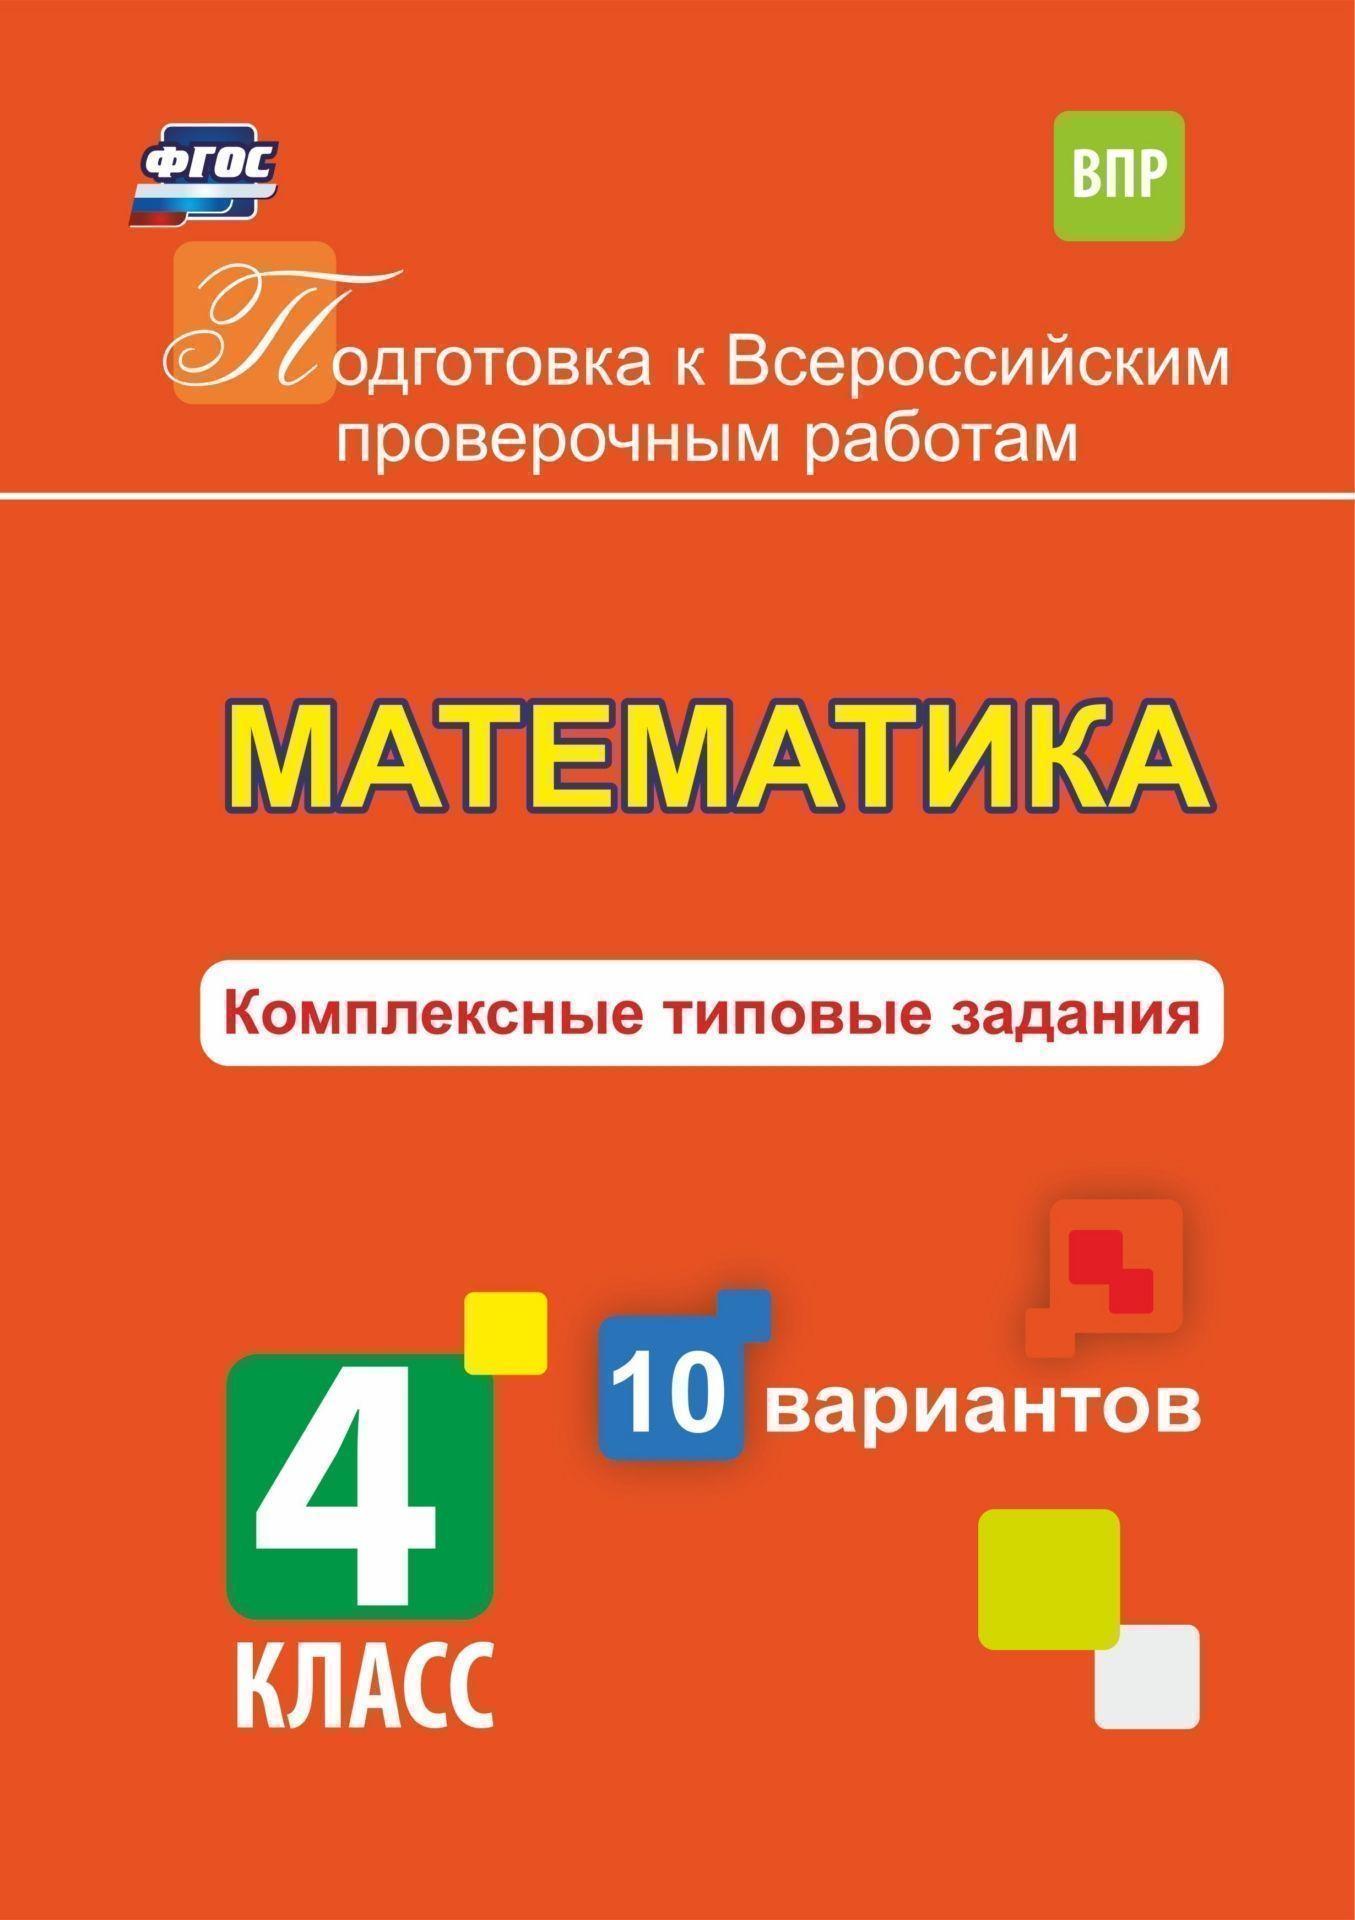 Математика. Комплексные типовые задания. 10 вариантов. 4 класс